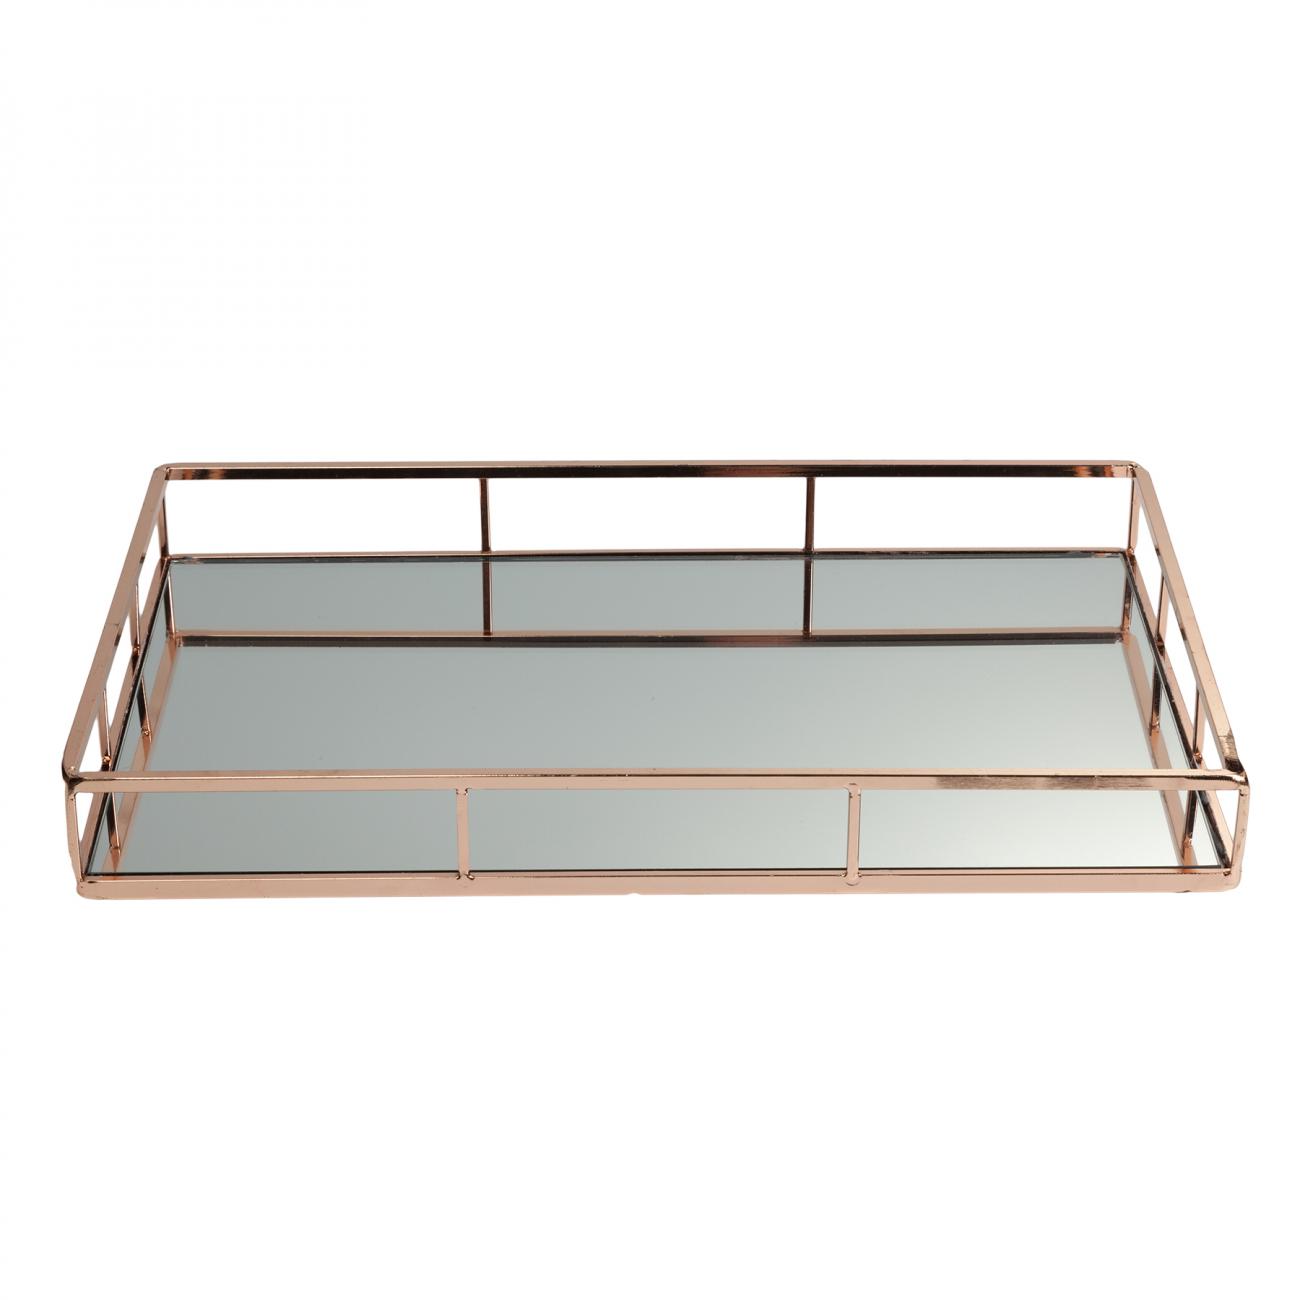 Купить Зеркальный поднос Henley Маленький в интернет магазине дизайнерской мебели и аксессуаров для дома и дачи